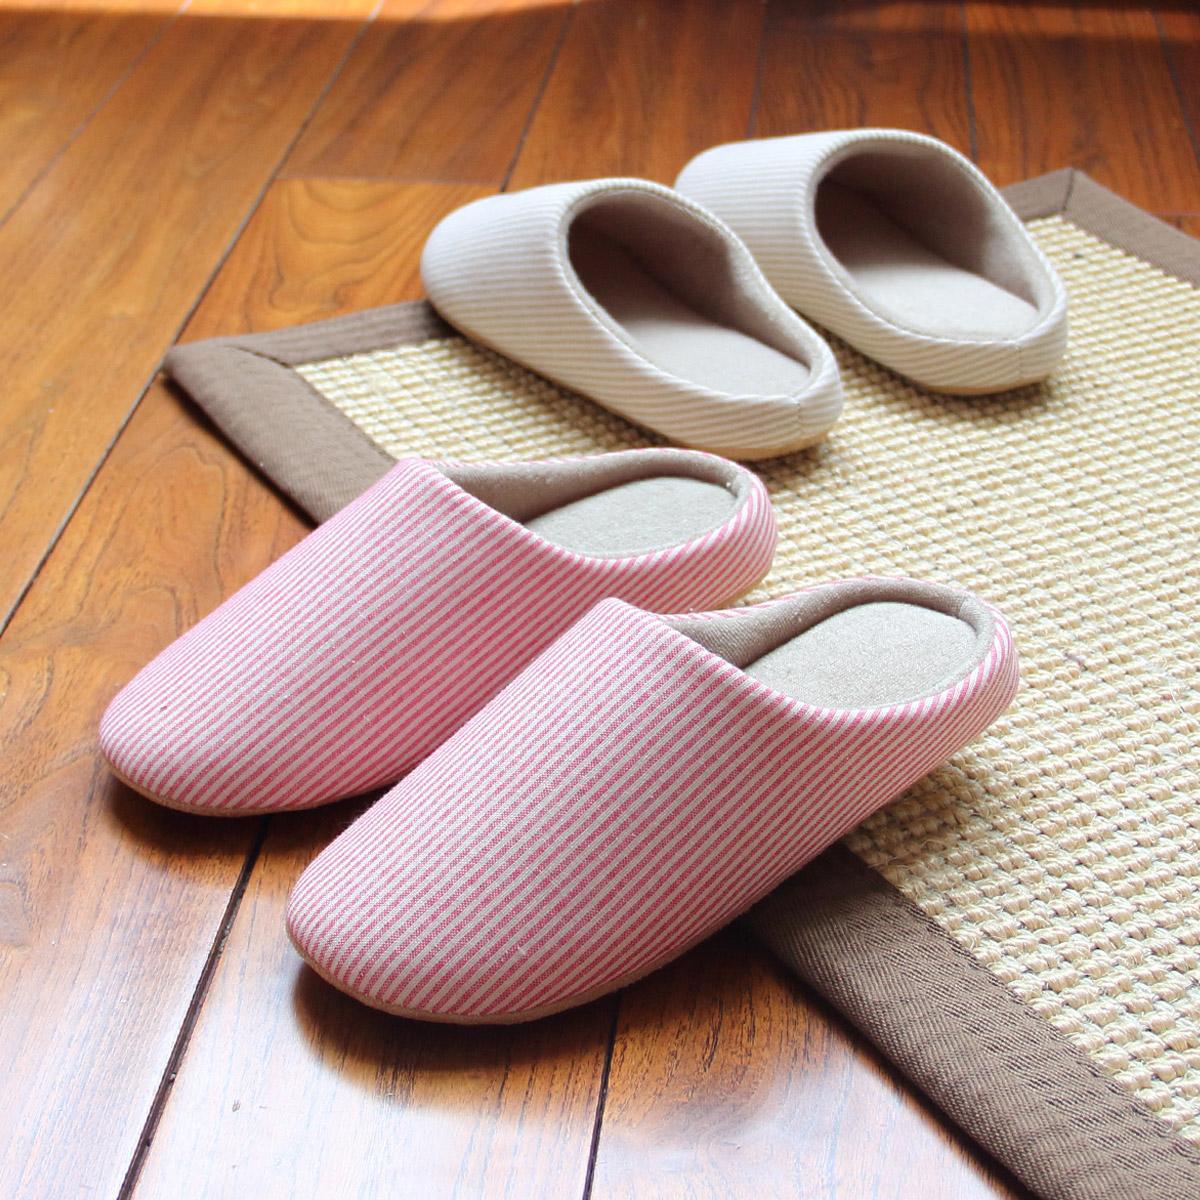 日韩式春秋木地板棉拖鞋冬季室内防滑静音情侣居家男女士保暖软底